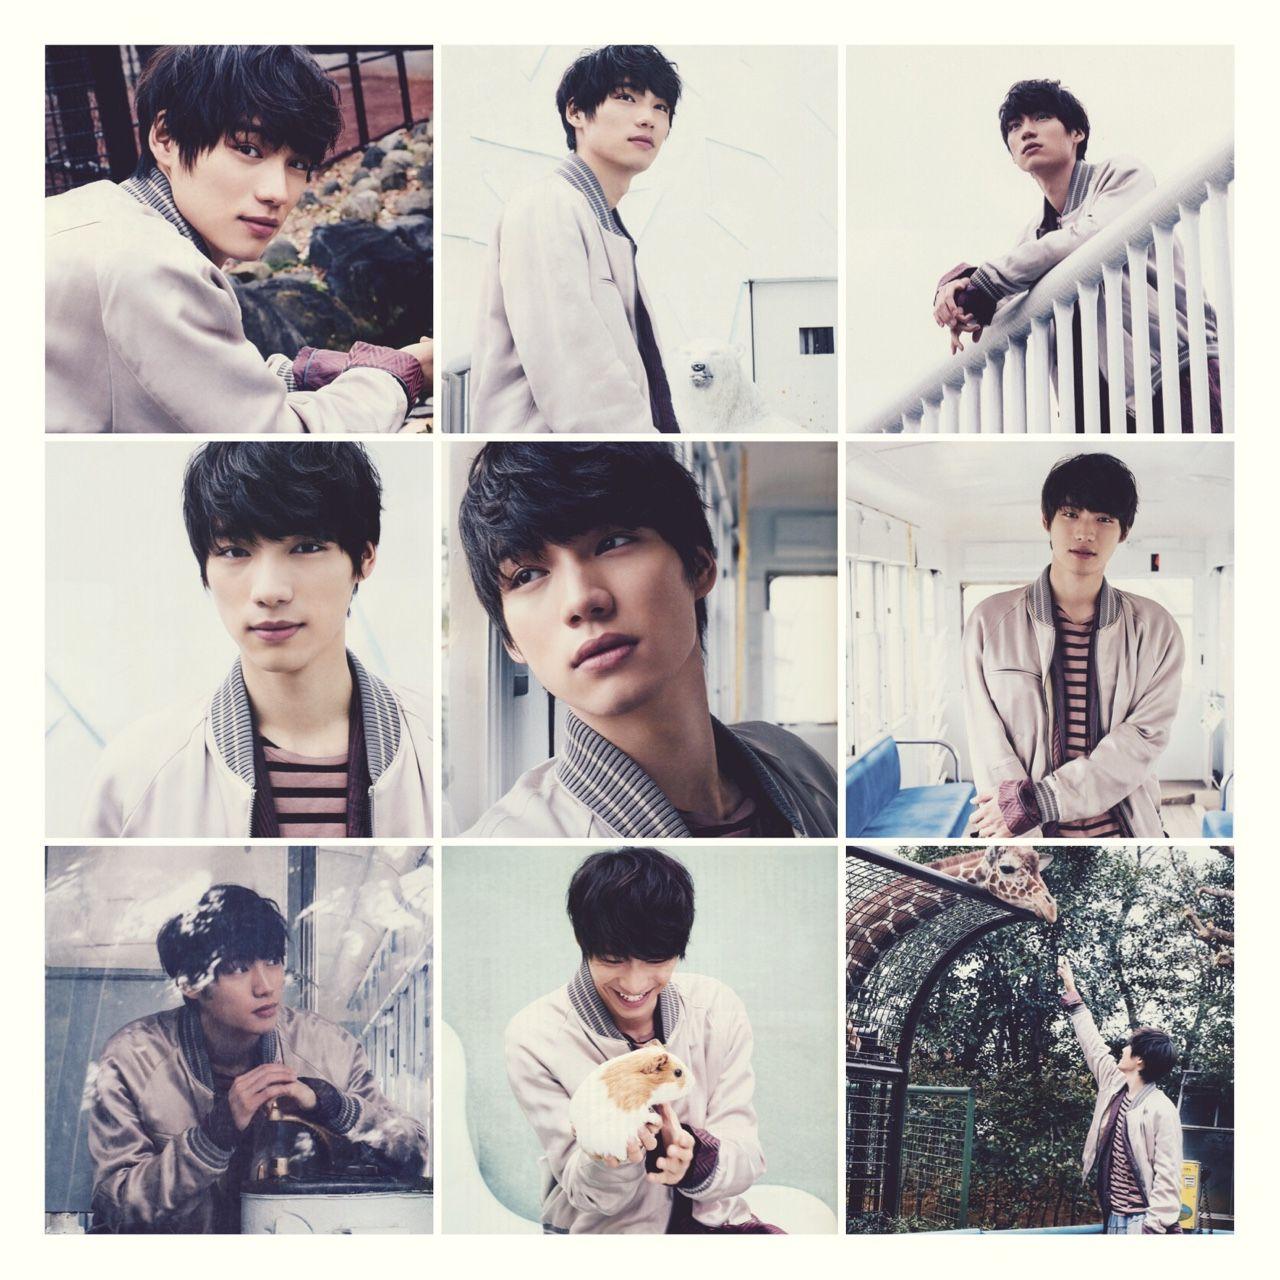 J Drama Cool fukushi sota - actor - korean - model - j-drama - dorama - idol